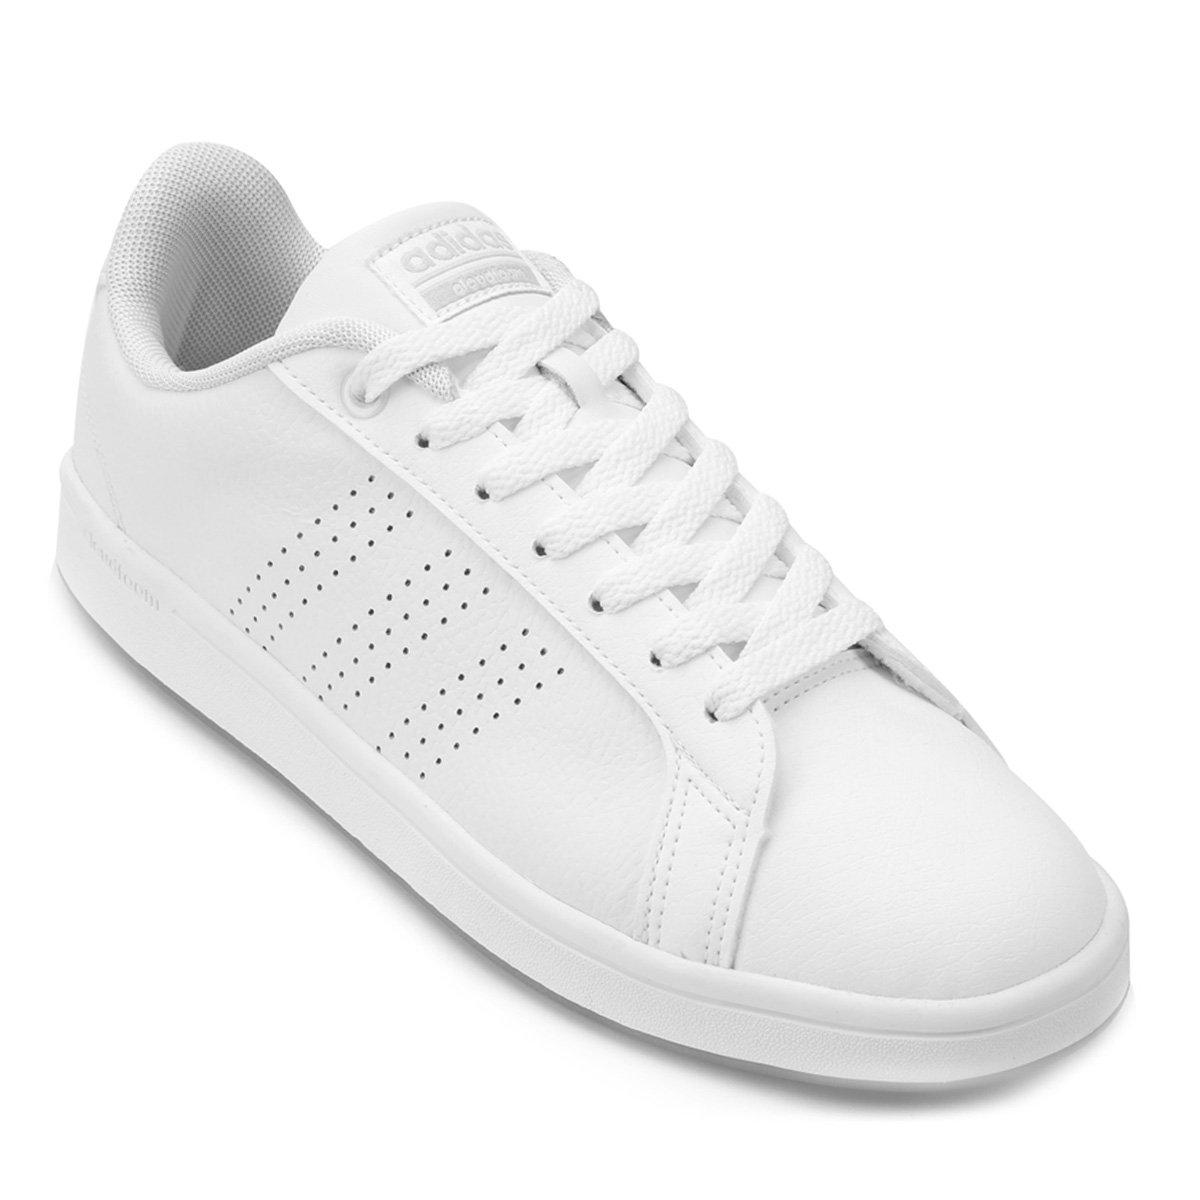 Tênis Adidas Cf Advantage Clean Feminino Agora Compre Agora Feminino b01e26